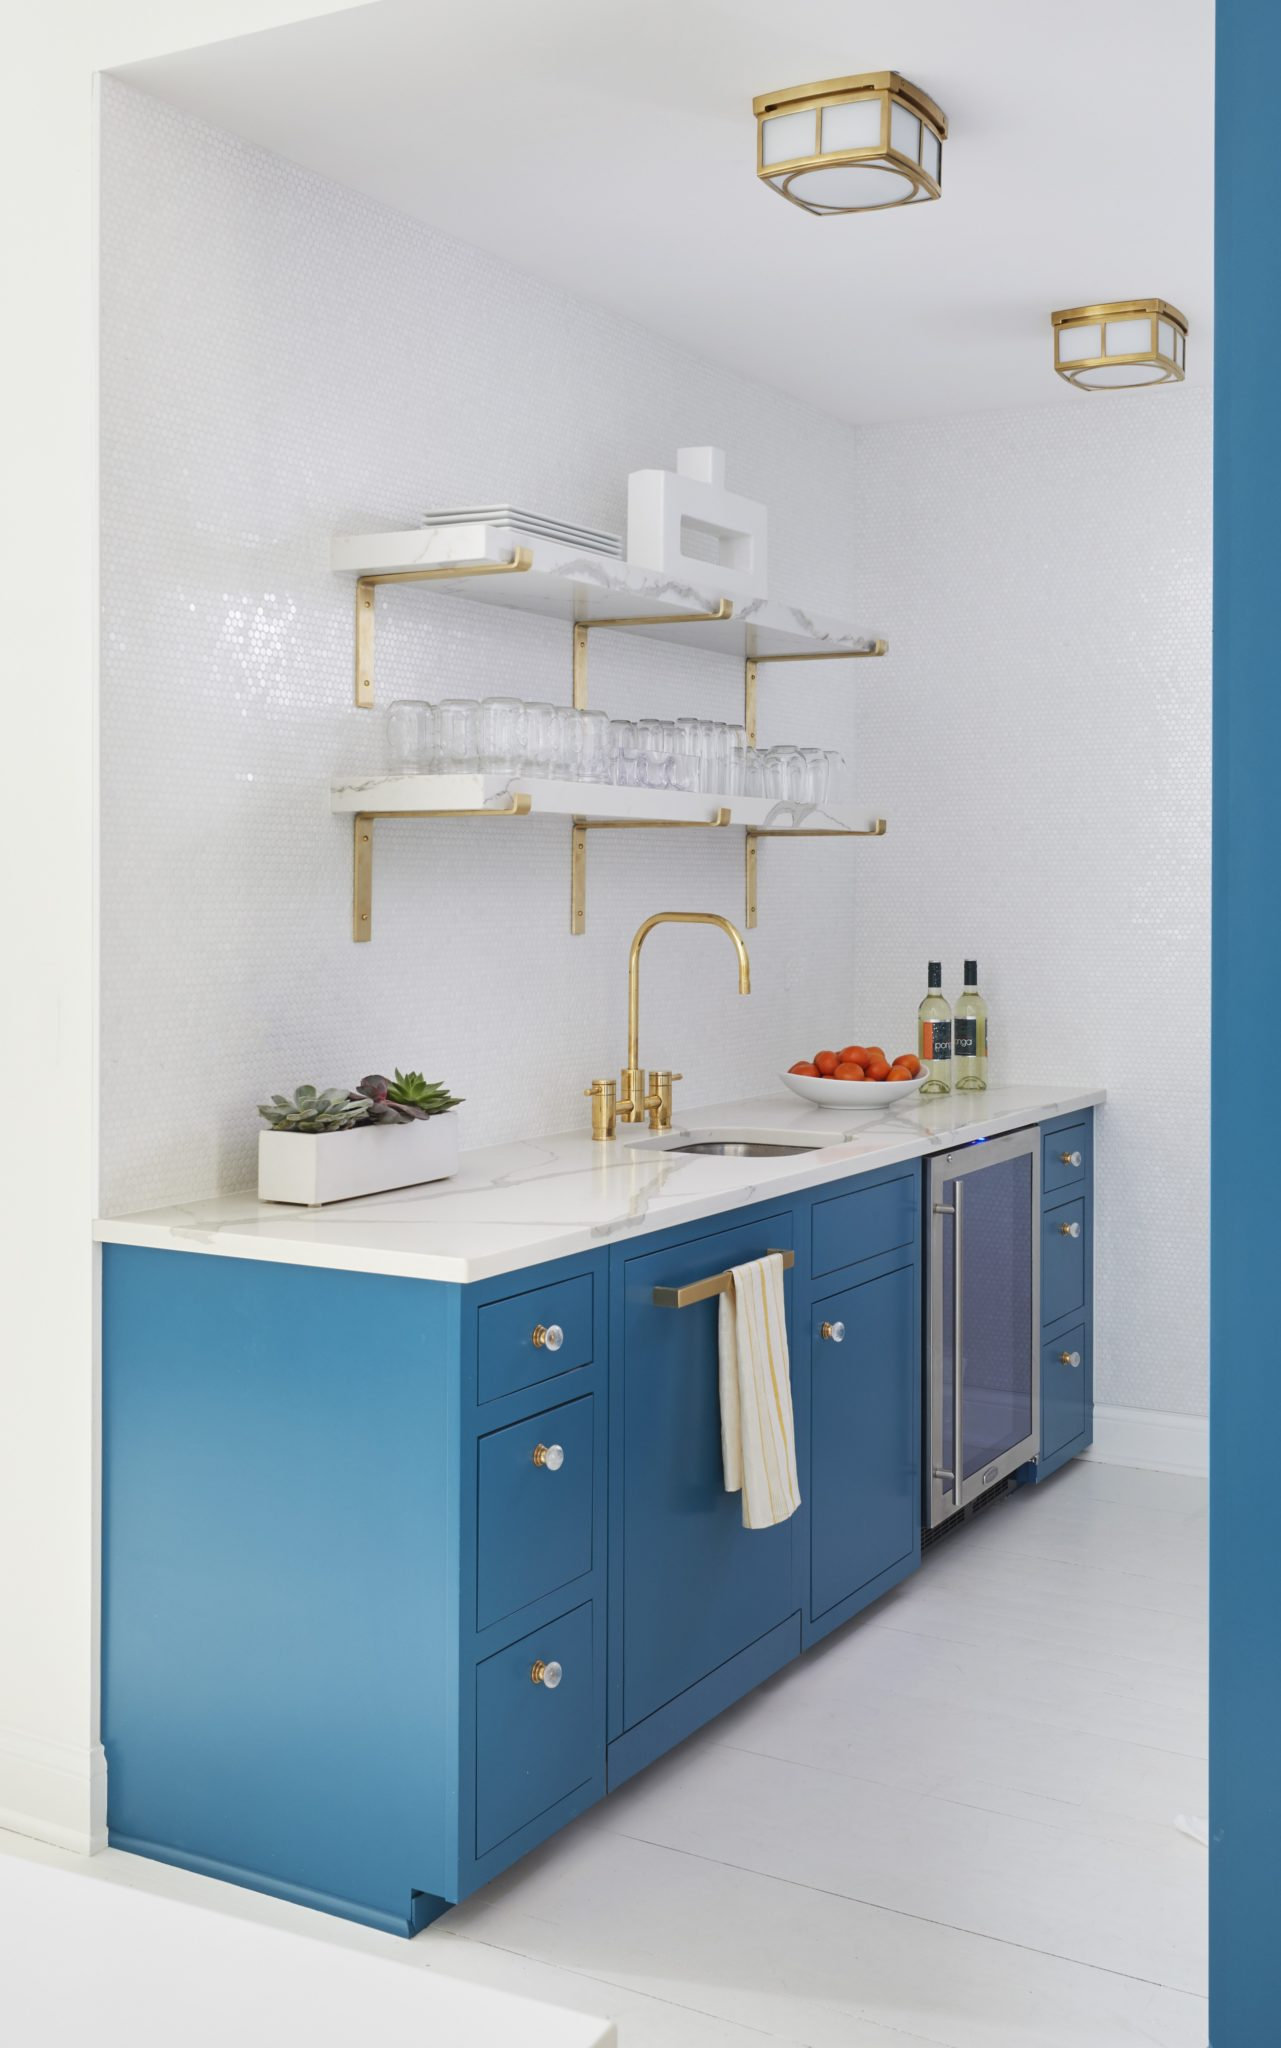 AKD Studio Space - Kitchenette by Amy Kartheiser Design